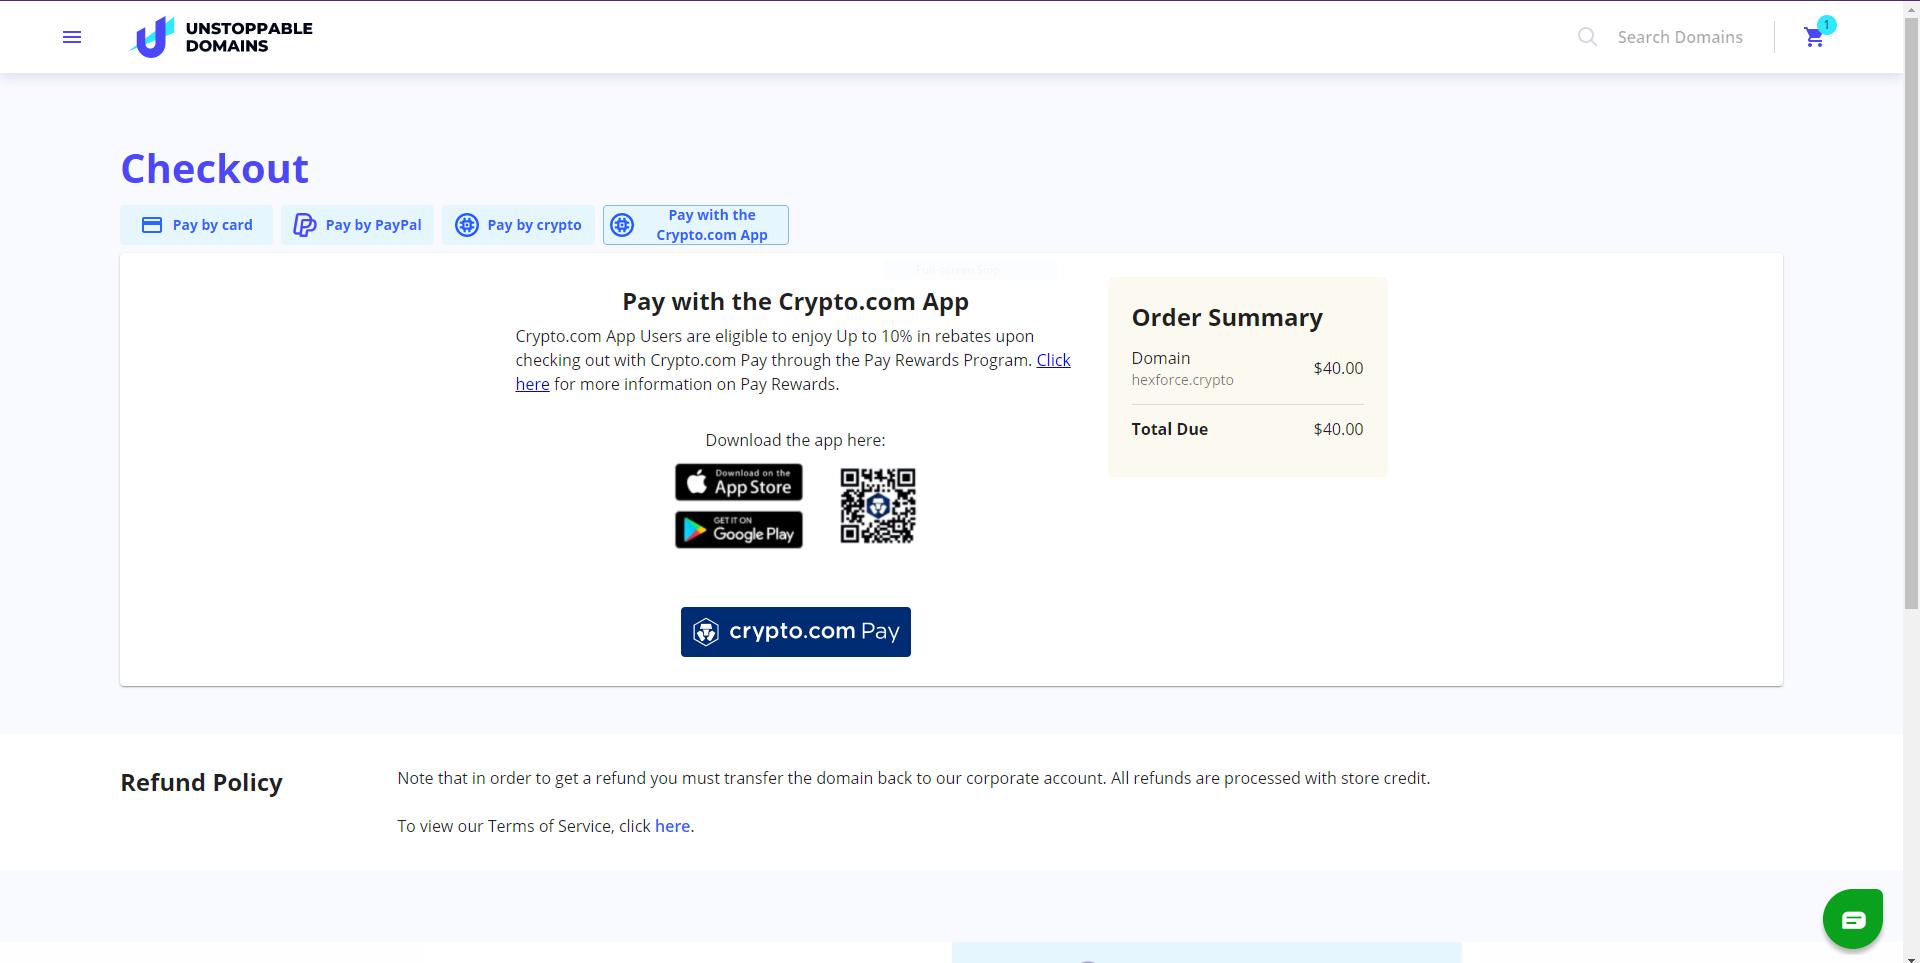 pay with crypto.com